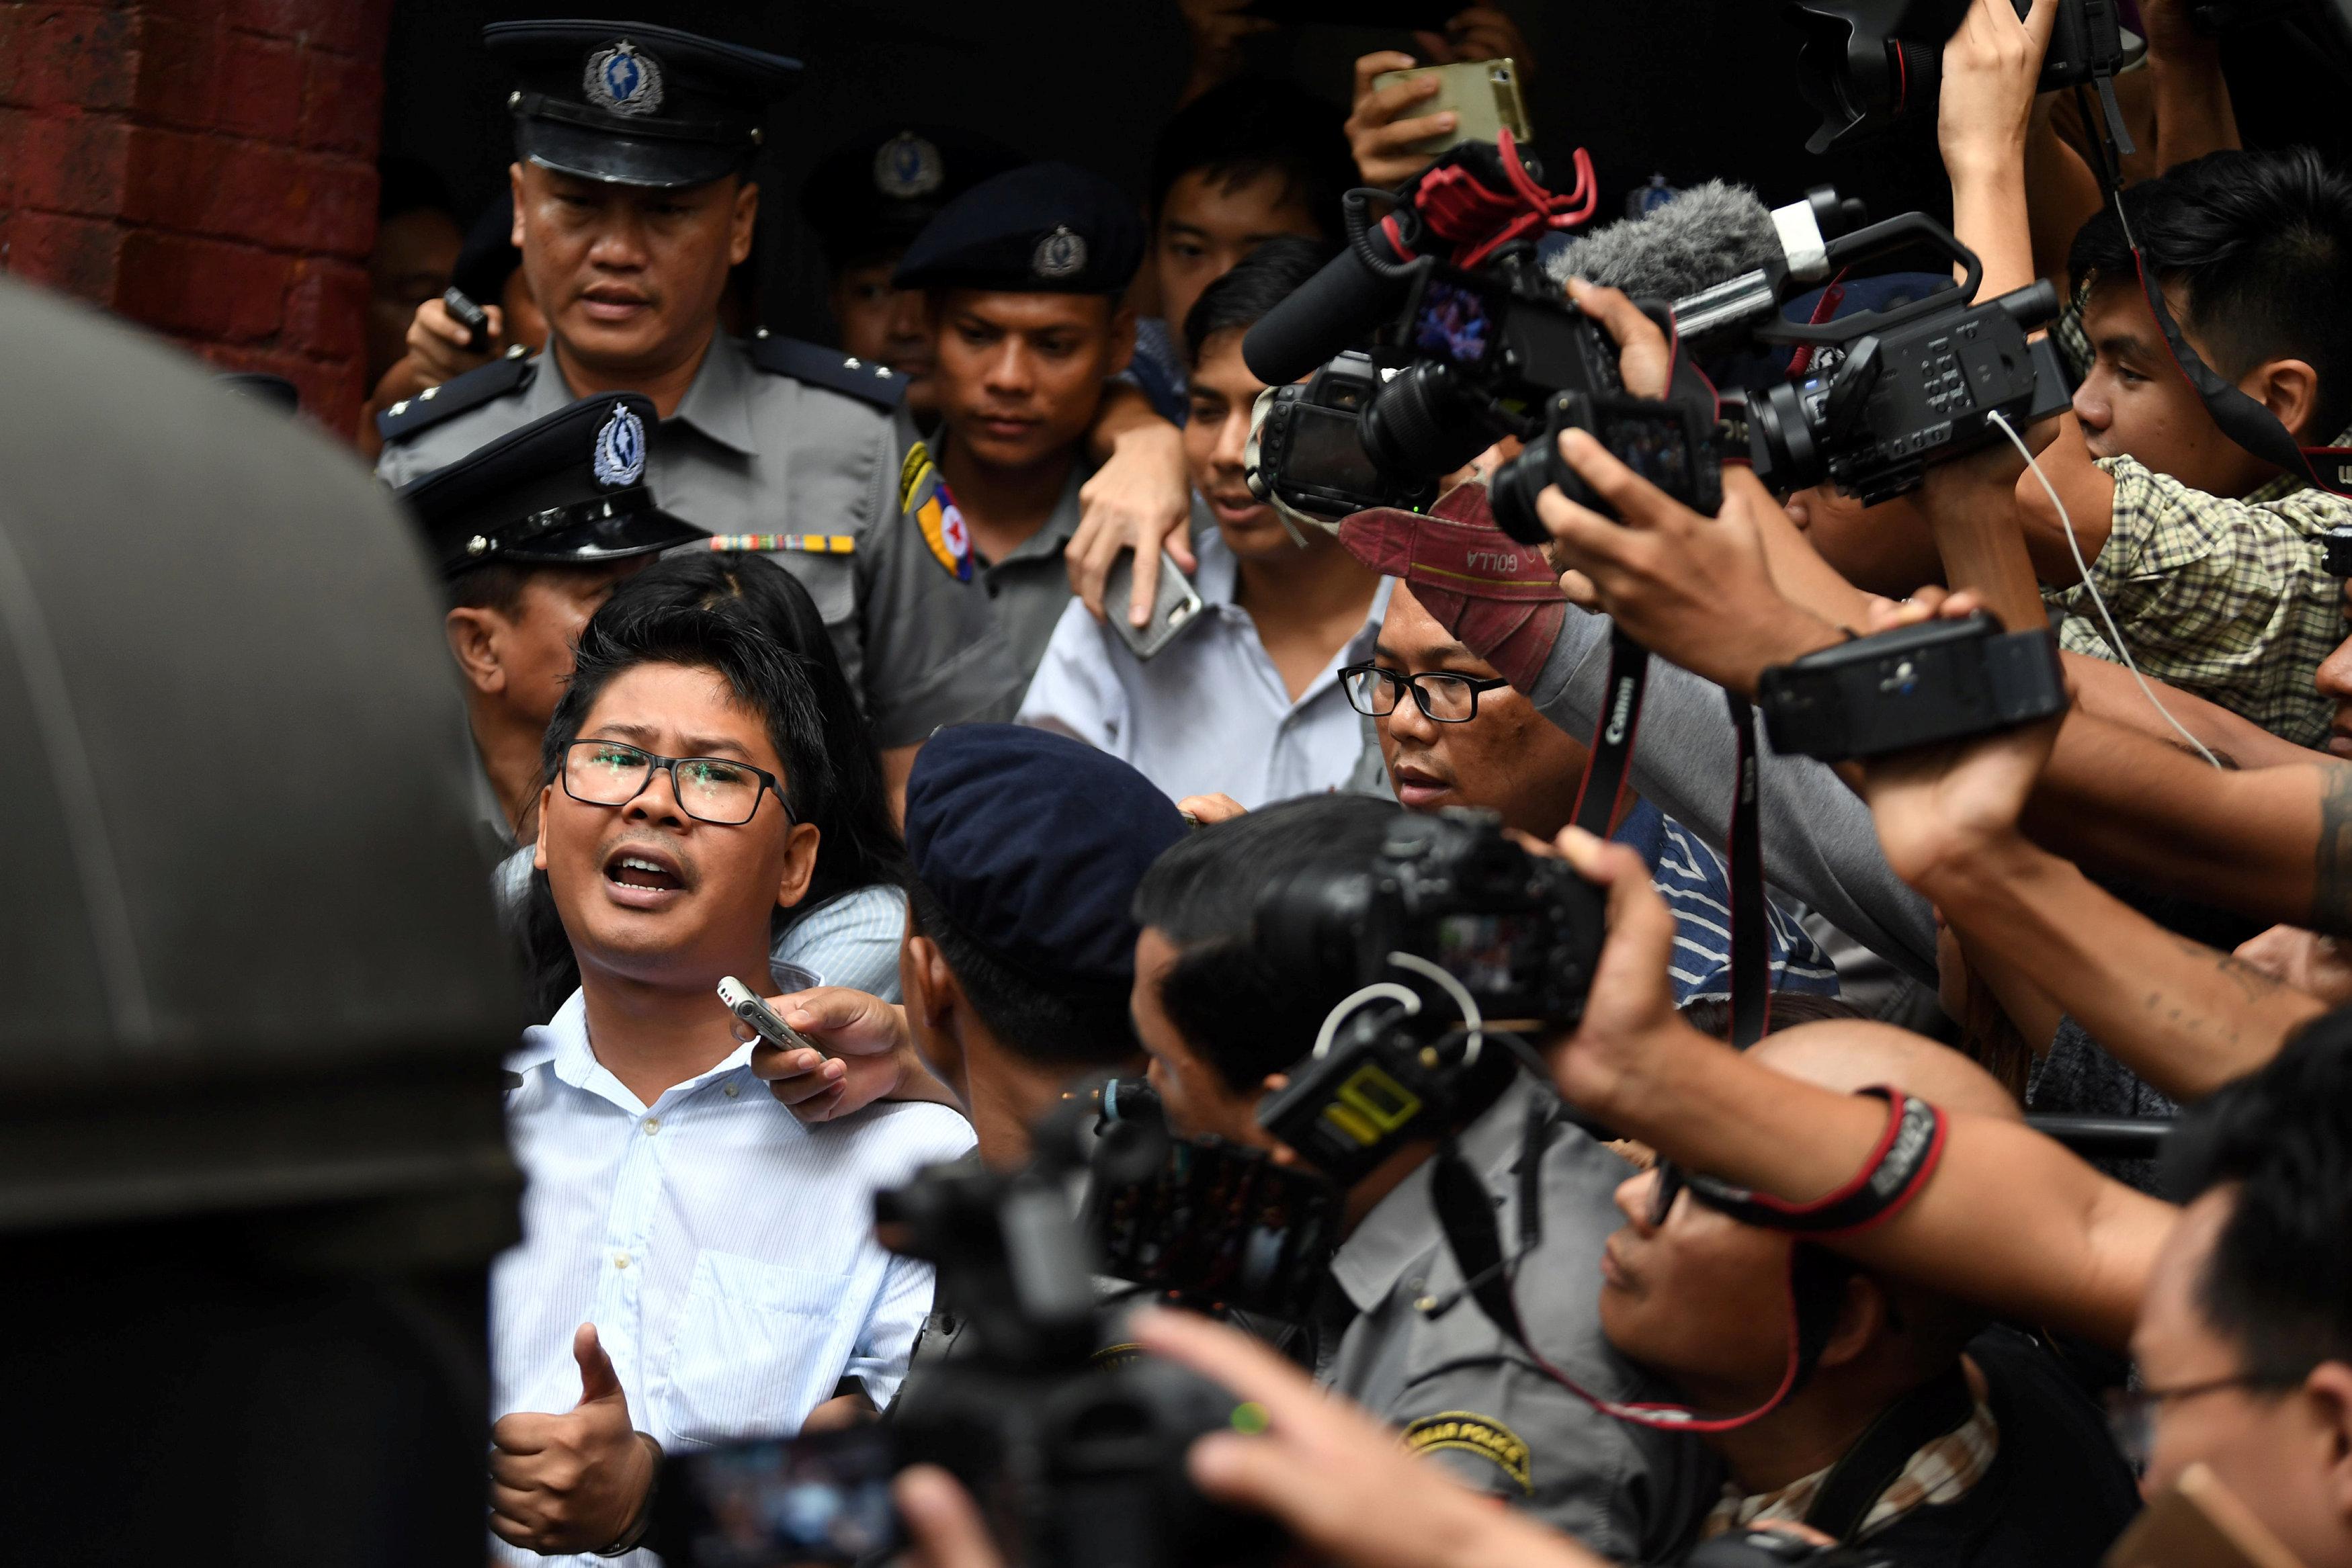 7 χρόνια φυλακή σε δημοσιογράφους του Reuters. Δικαστής στην Μιαμνάρ τους καταδίκασε επειδή έκαναν έρευνα για τη σφαγή των